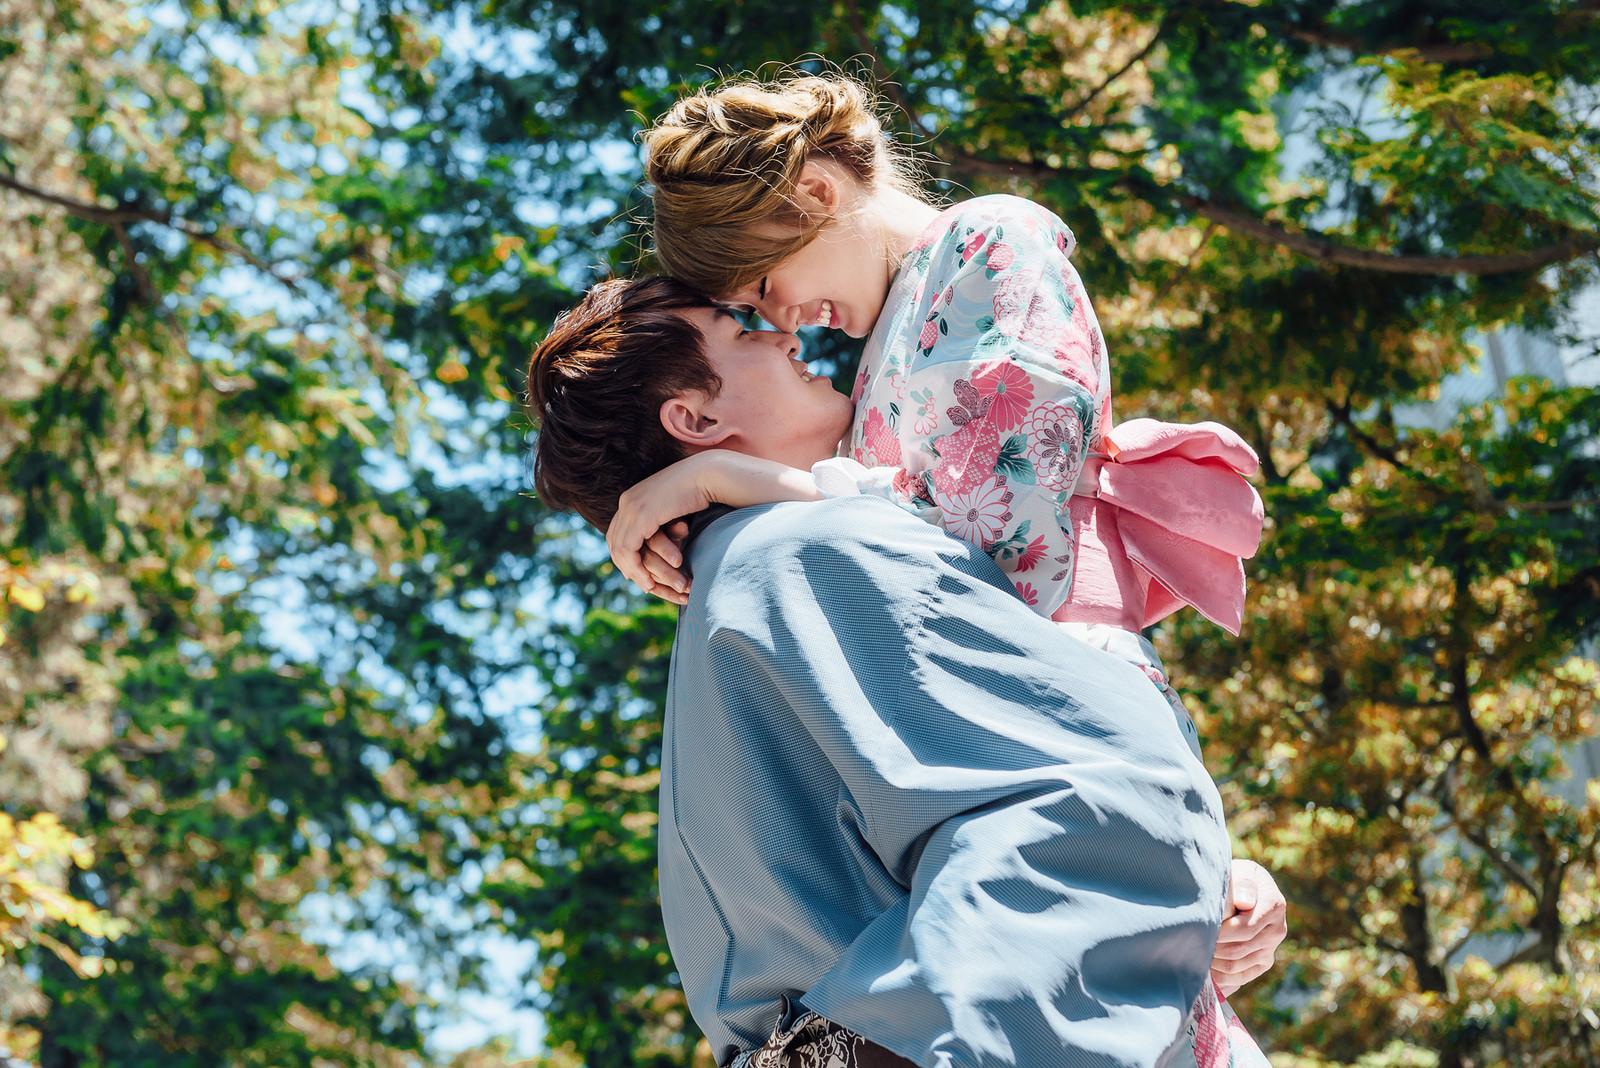 [長期招募] 日本自主婚紗 自助婚紗 旅行婚紗 - 京都、奈良、神戶(關西地區) / Pre-wedding in Kansai